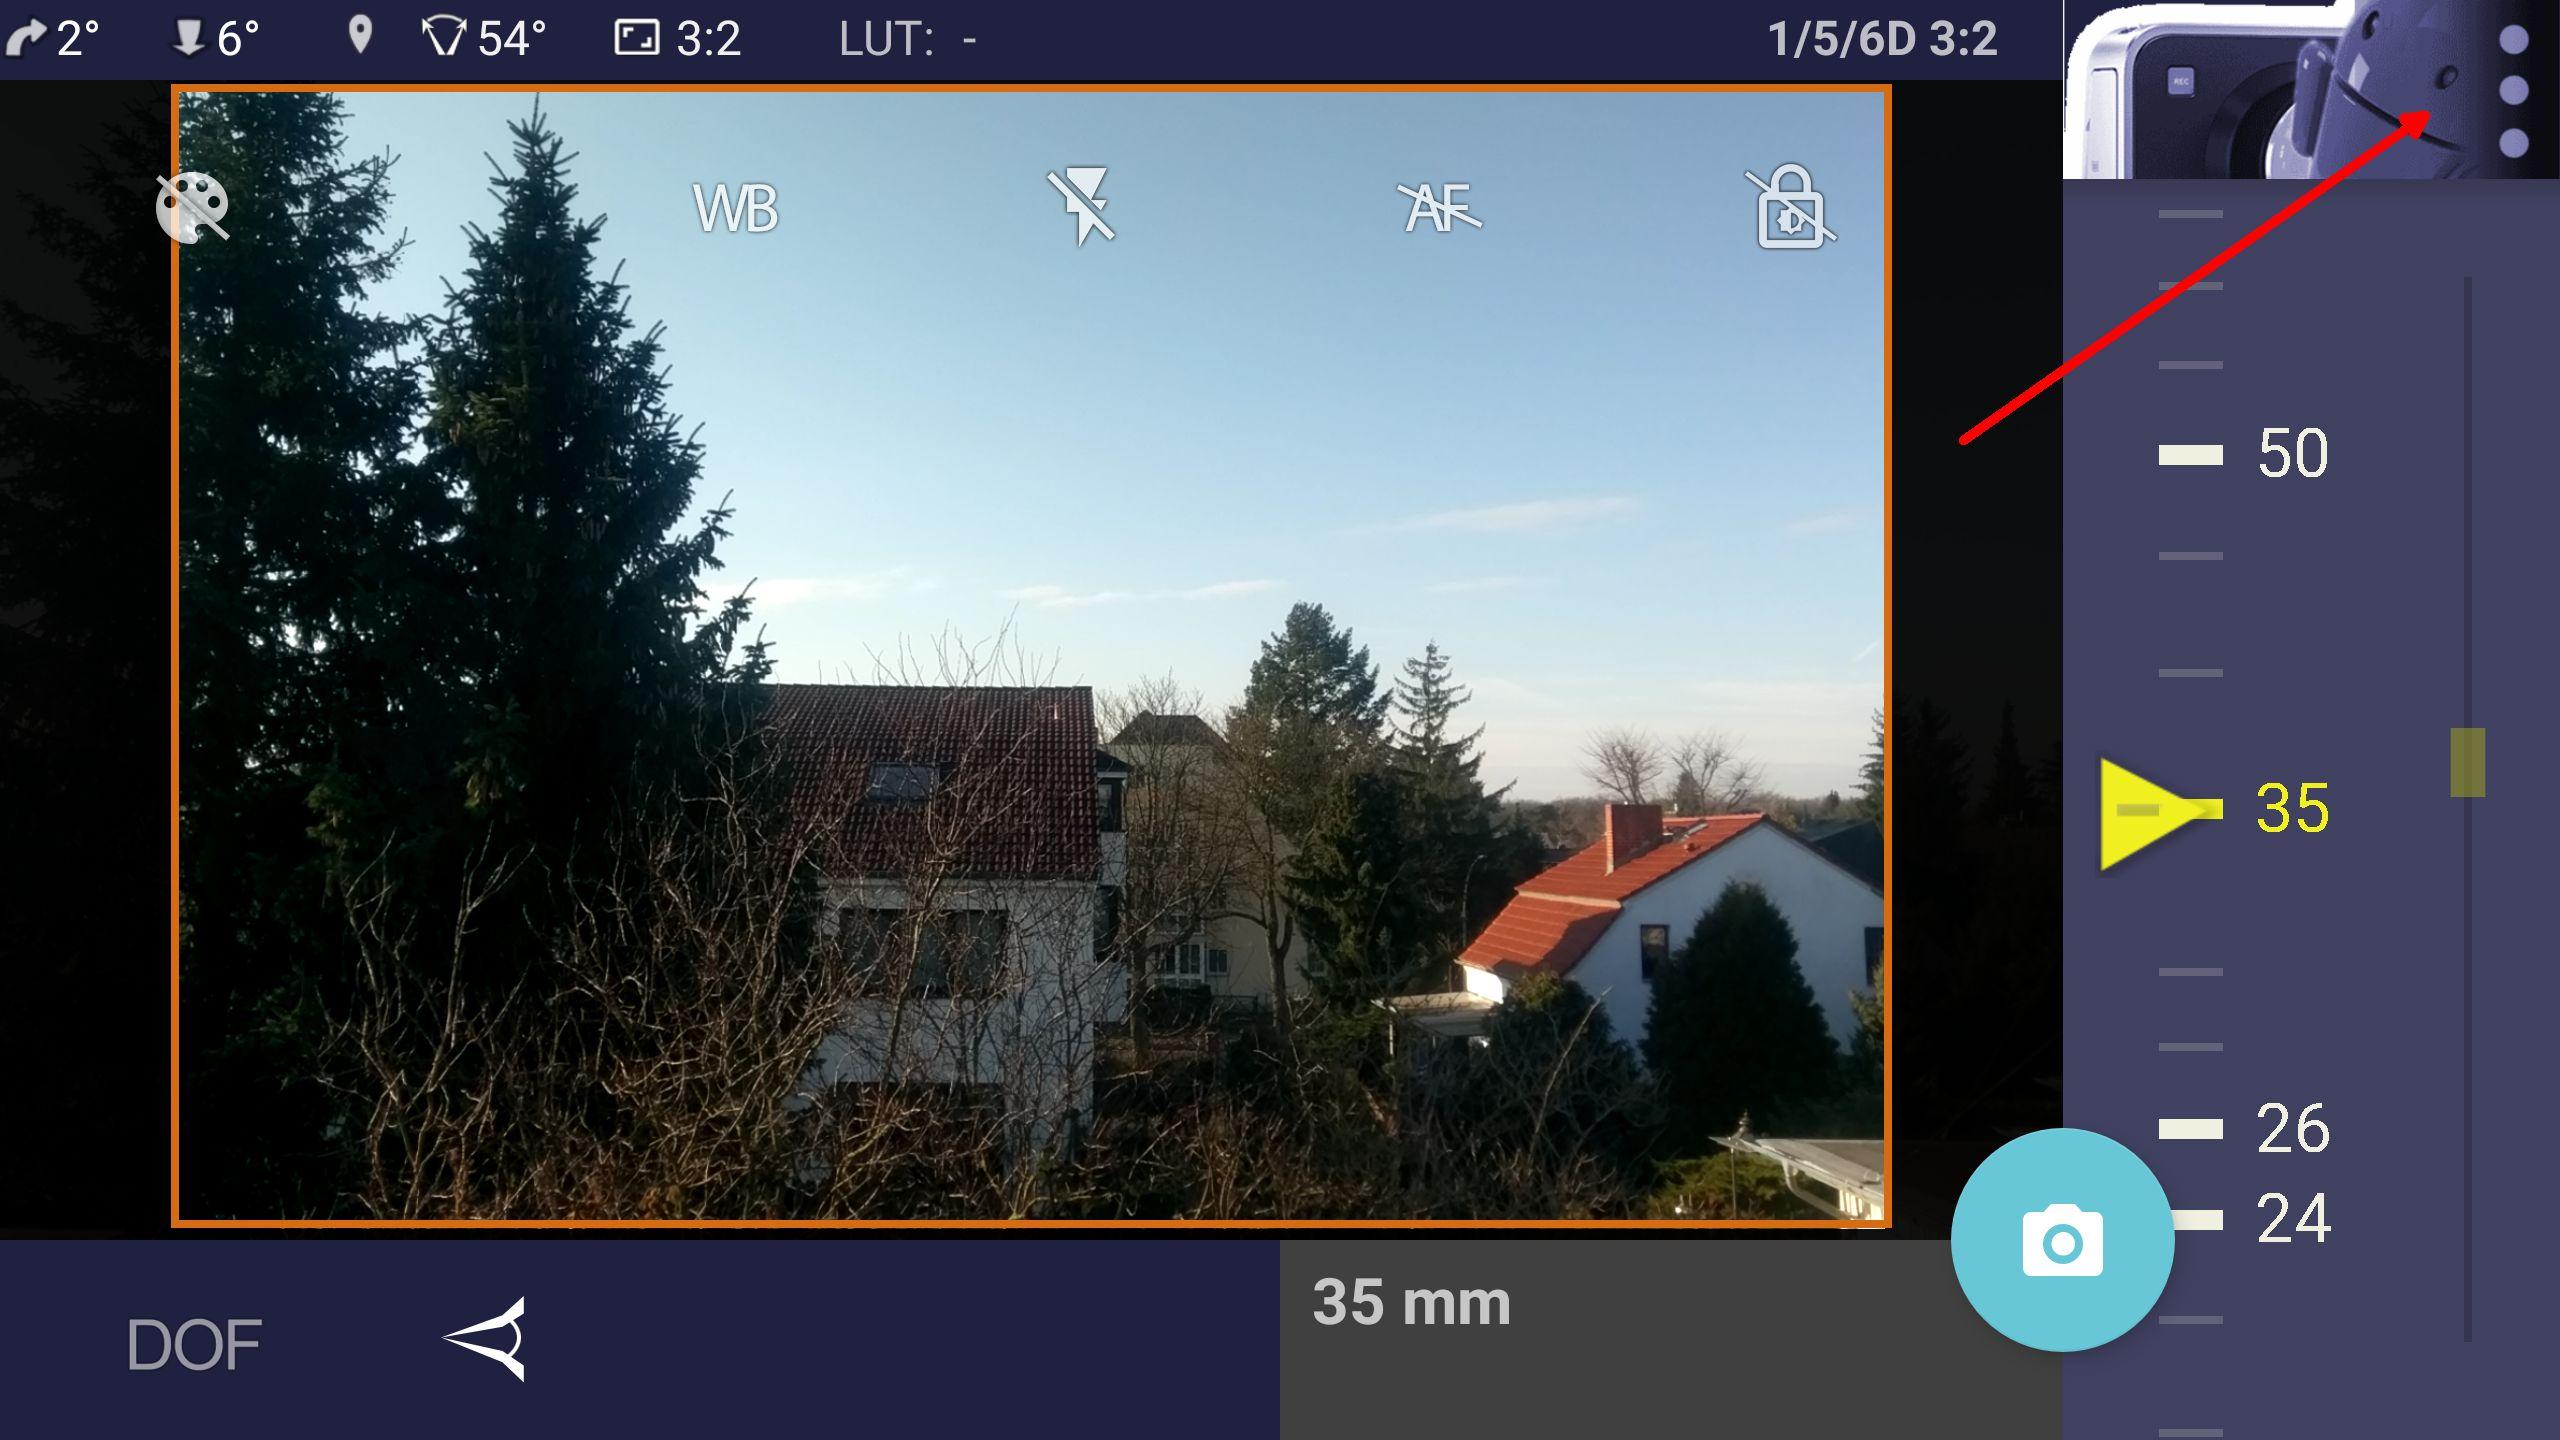 Screenshot_20180115-115553swq.jpg